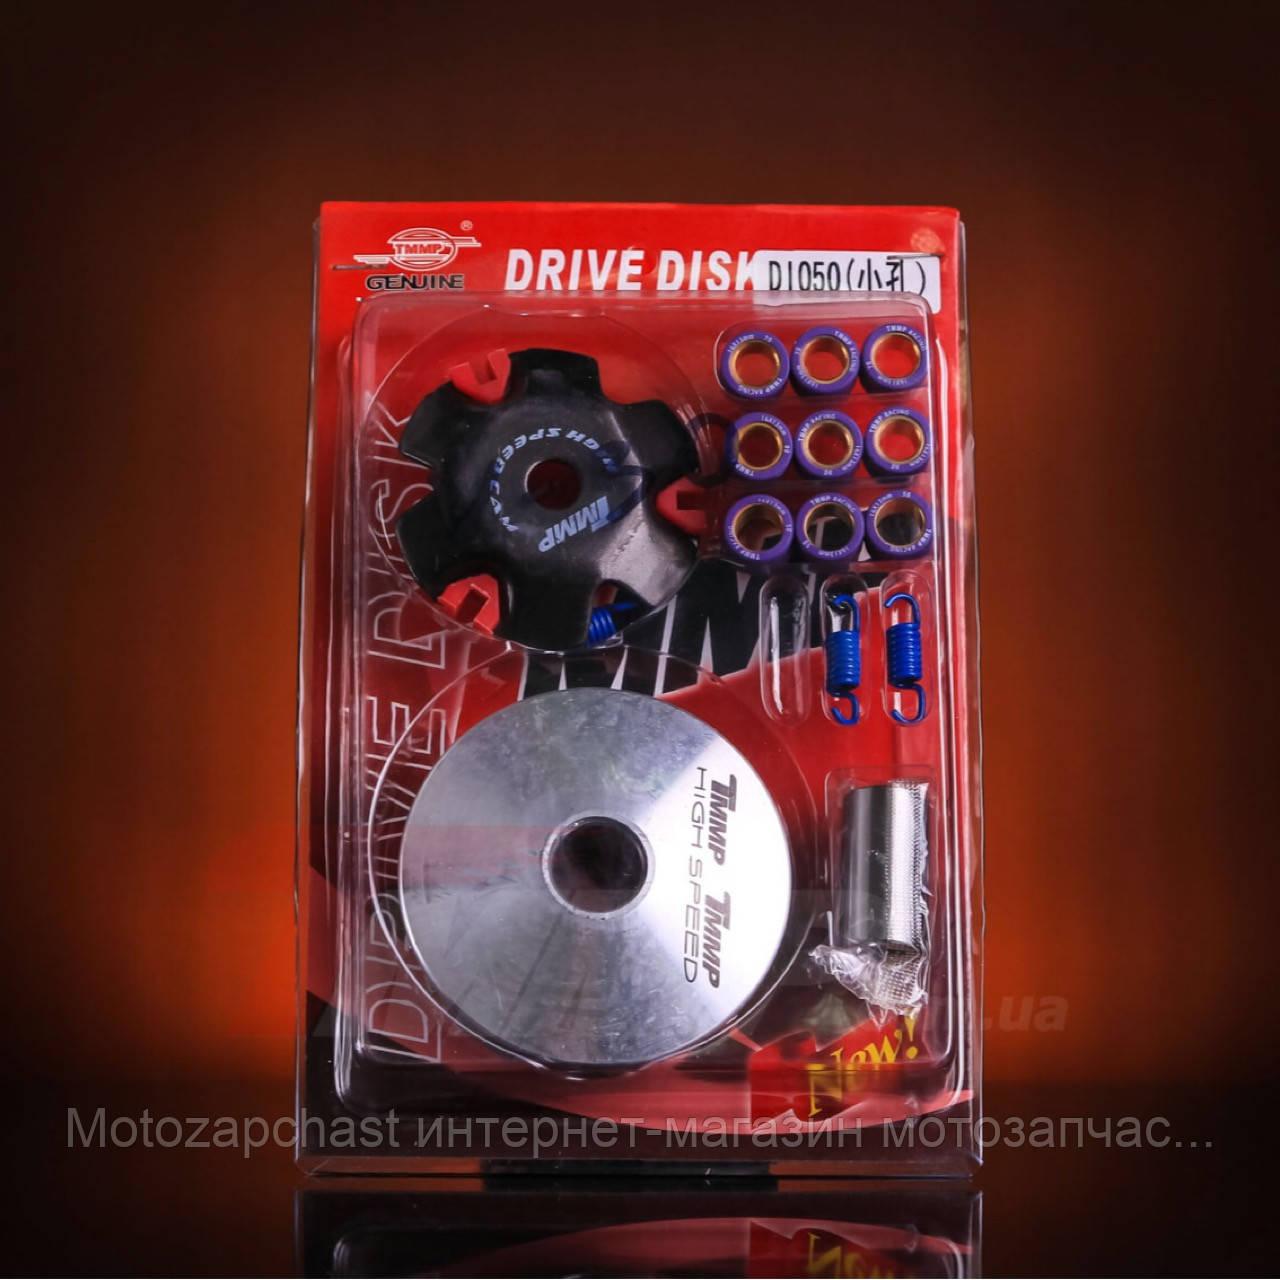 Вариатор передний тюнинг Honda Dio AF-18 - Motozapchast интернет-магазин мотозапчастей в Харькове